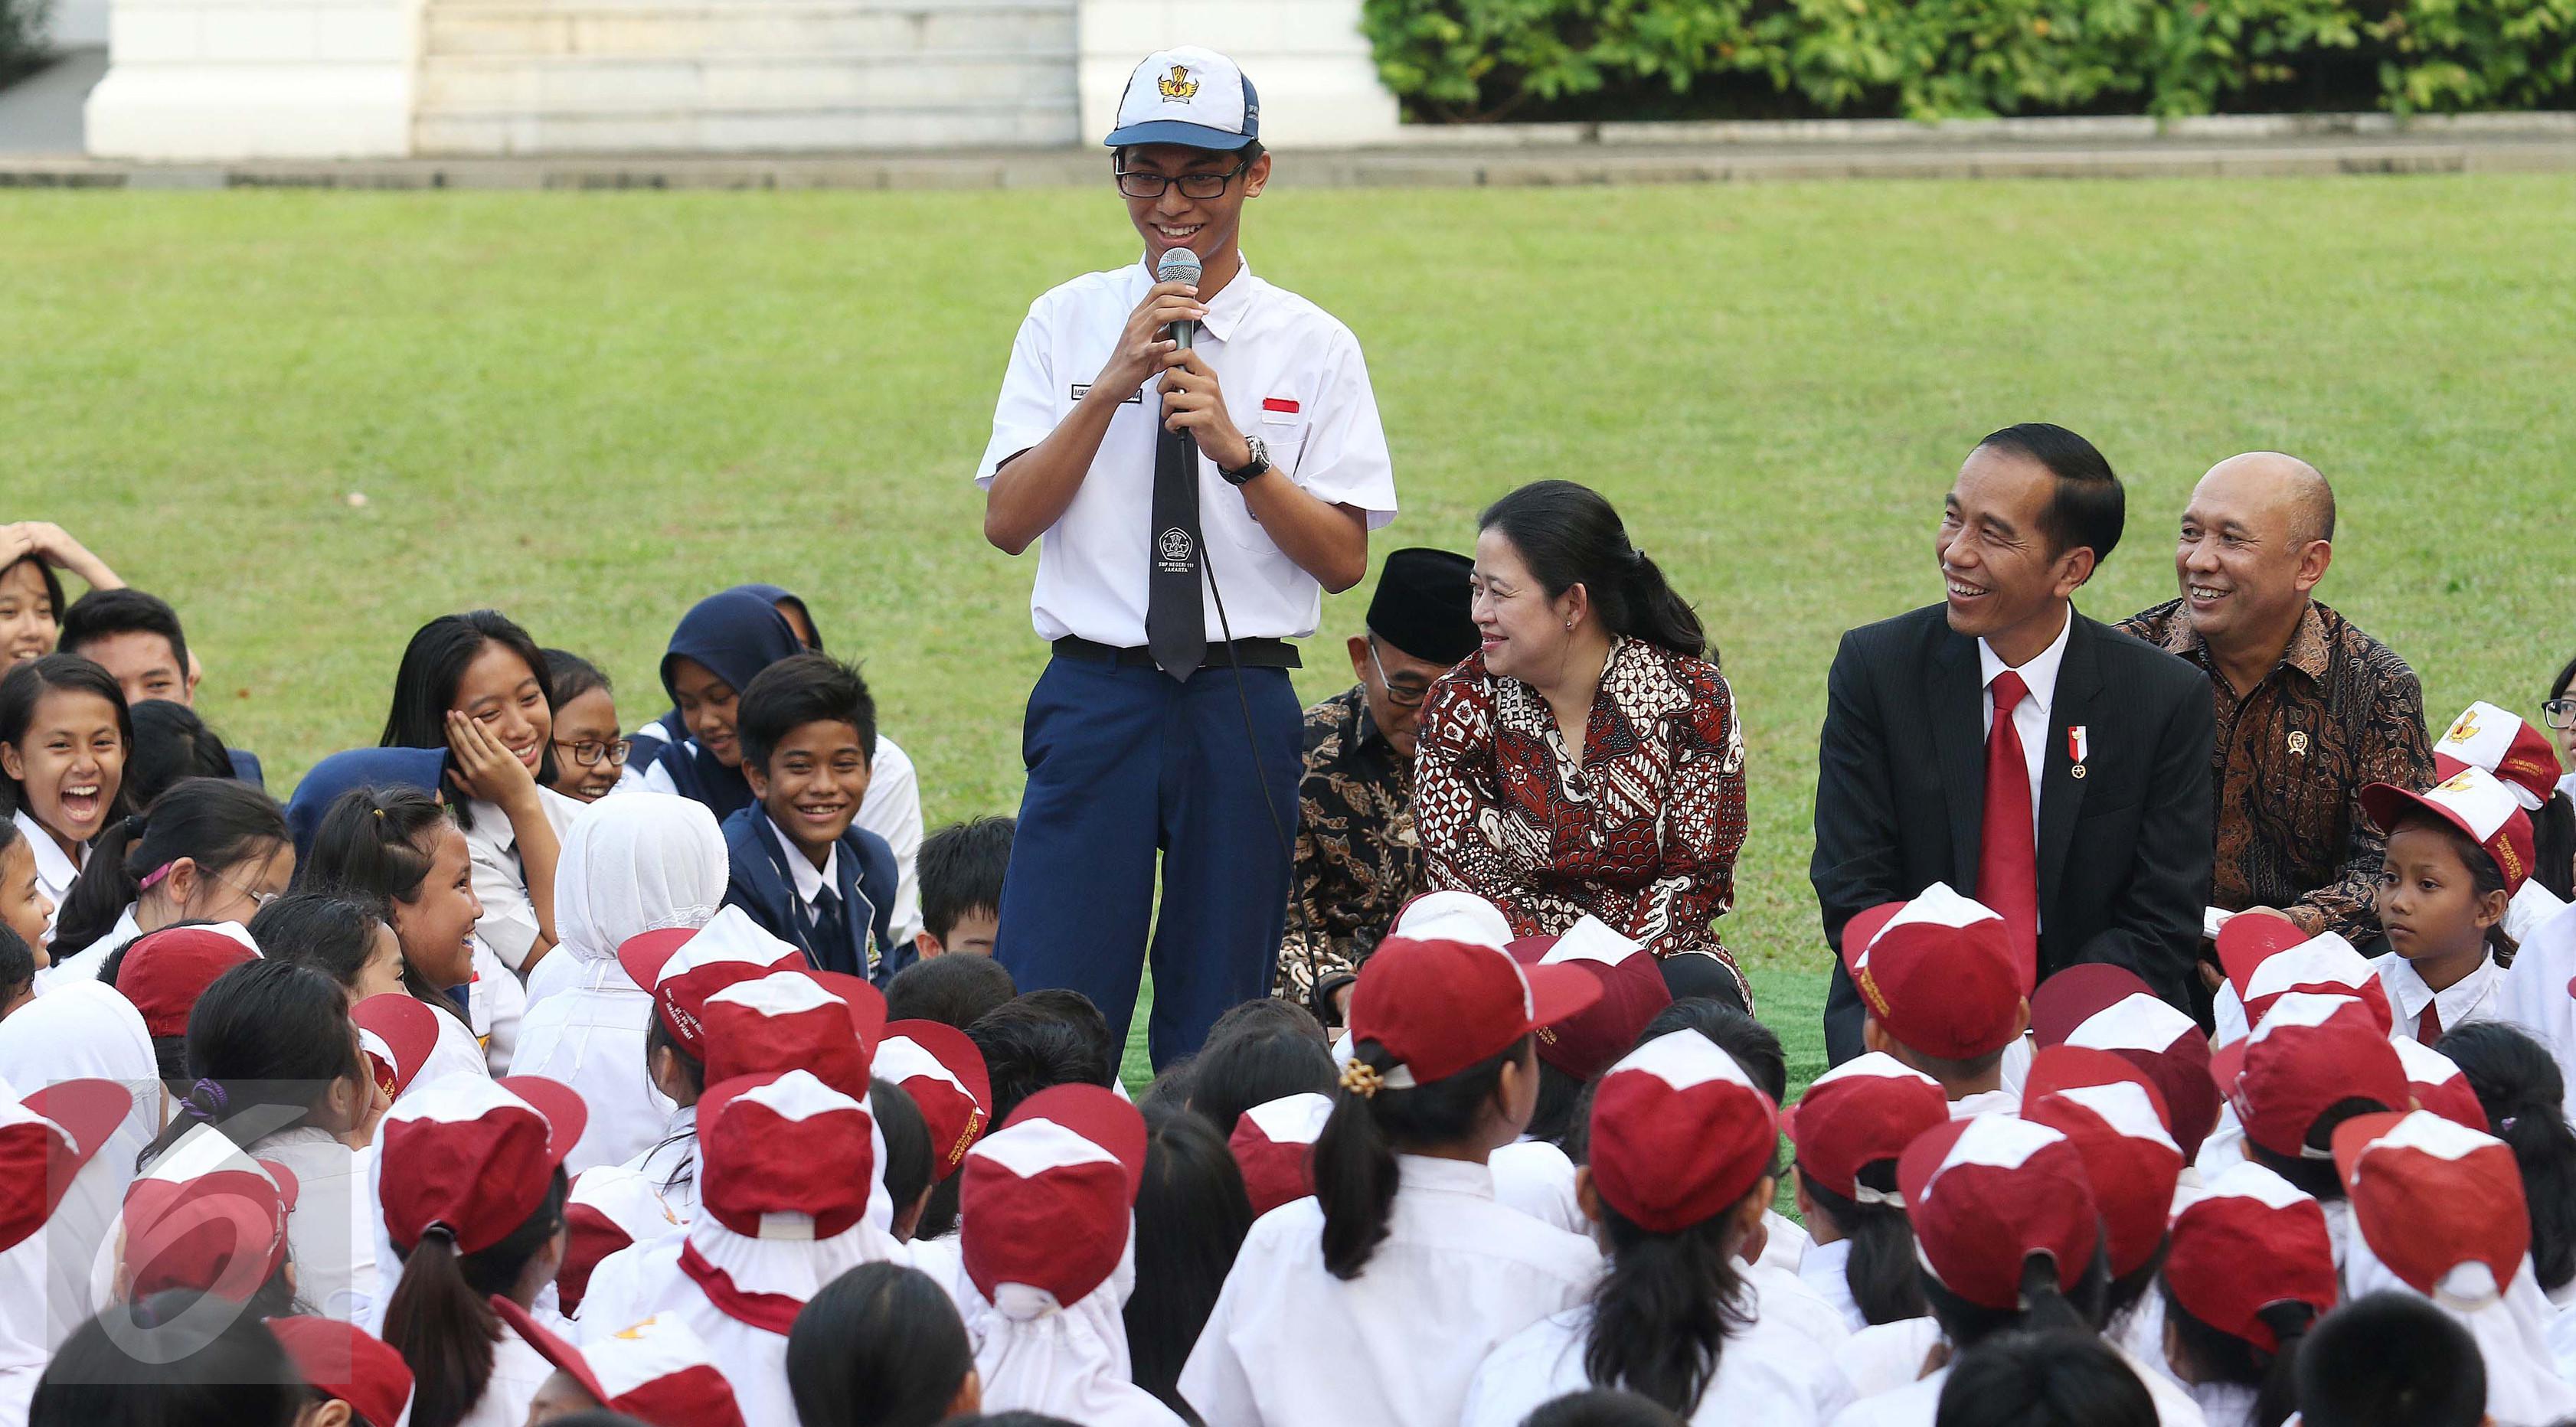 Seorang siswa berdiri berbicara didepan Presiden Jokowi dan siswa lainnya di halaman tengah Istana, Jakarta, Rabu (17/5). Kegiatan mendongeng ini untuk memperingati hari buku nasional. (Liputan6.com/Angga Yuniar)